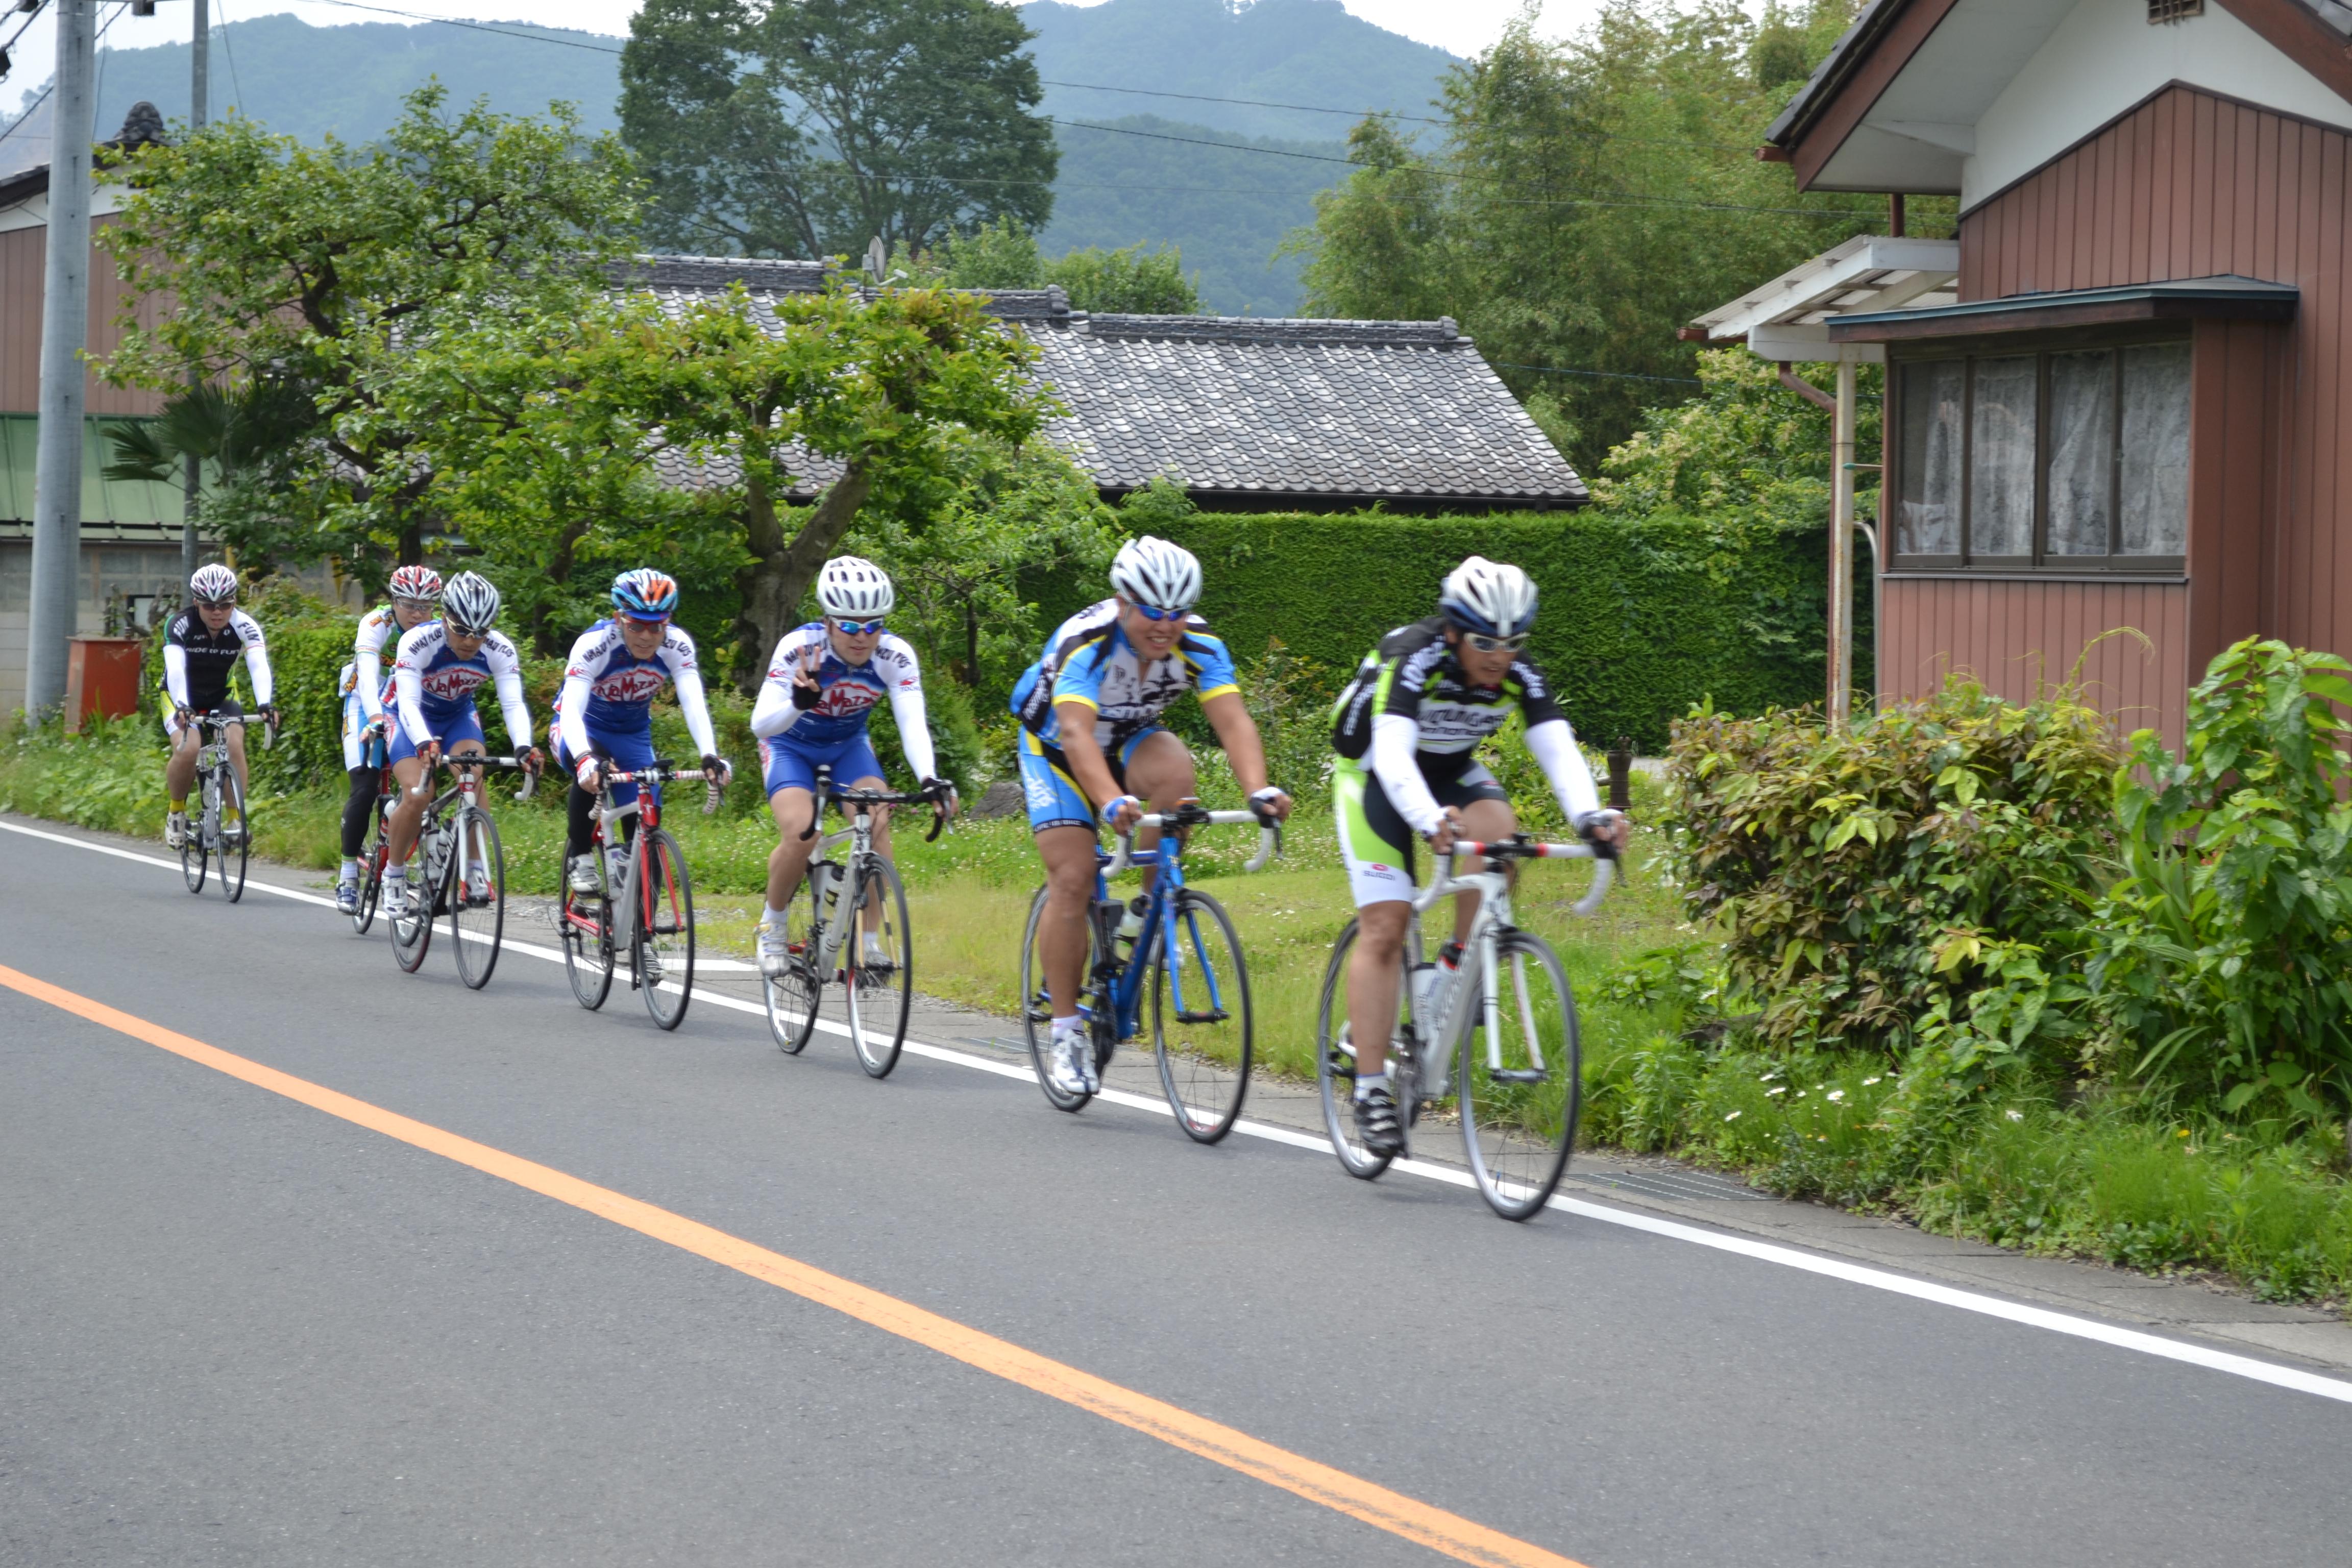 http://cycleshop-fun.com/images/DSC_0254.JPG